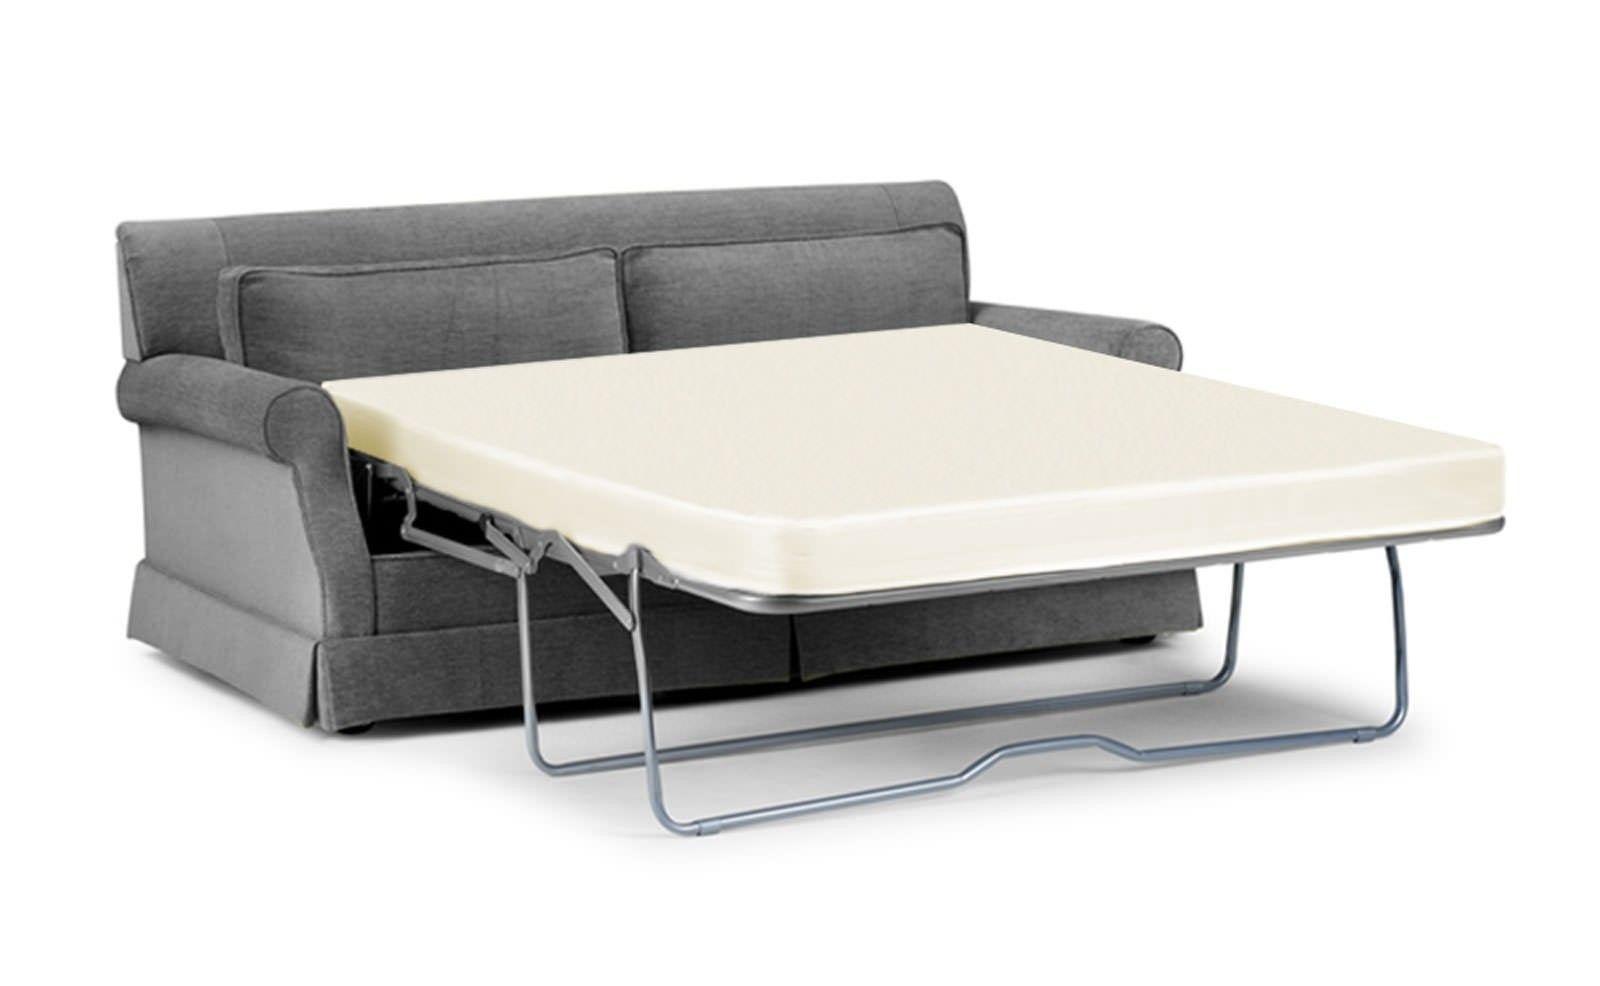 Sofa Beds Bed Mattress